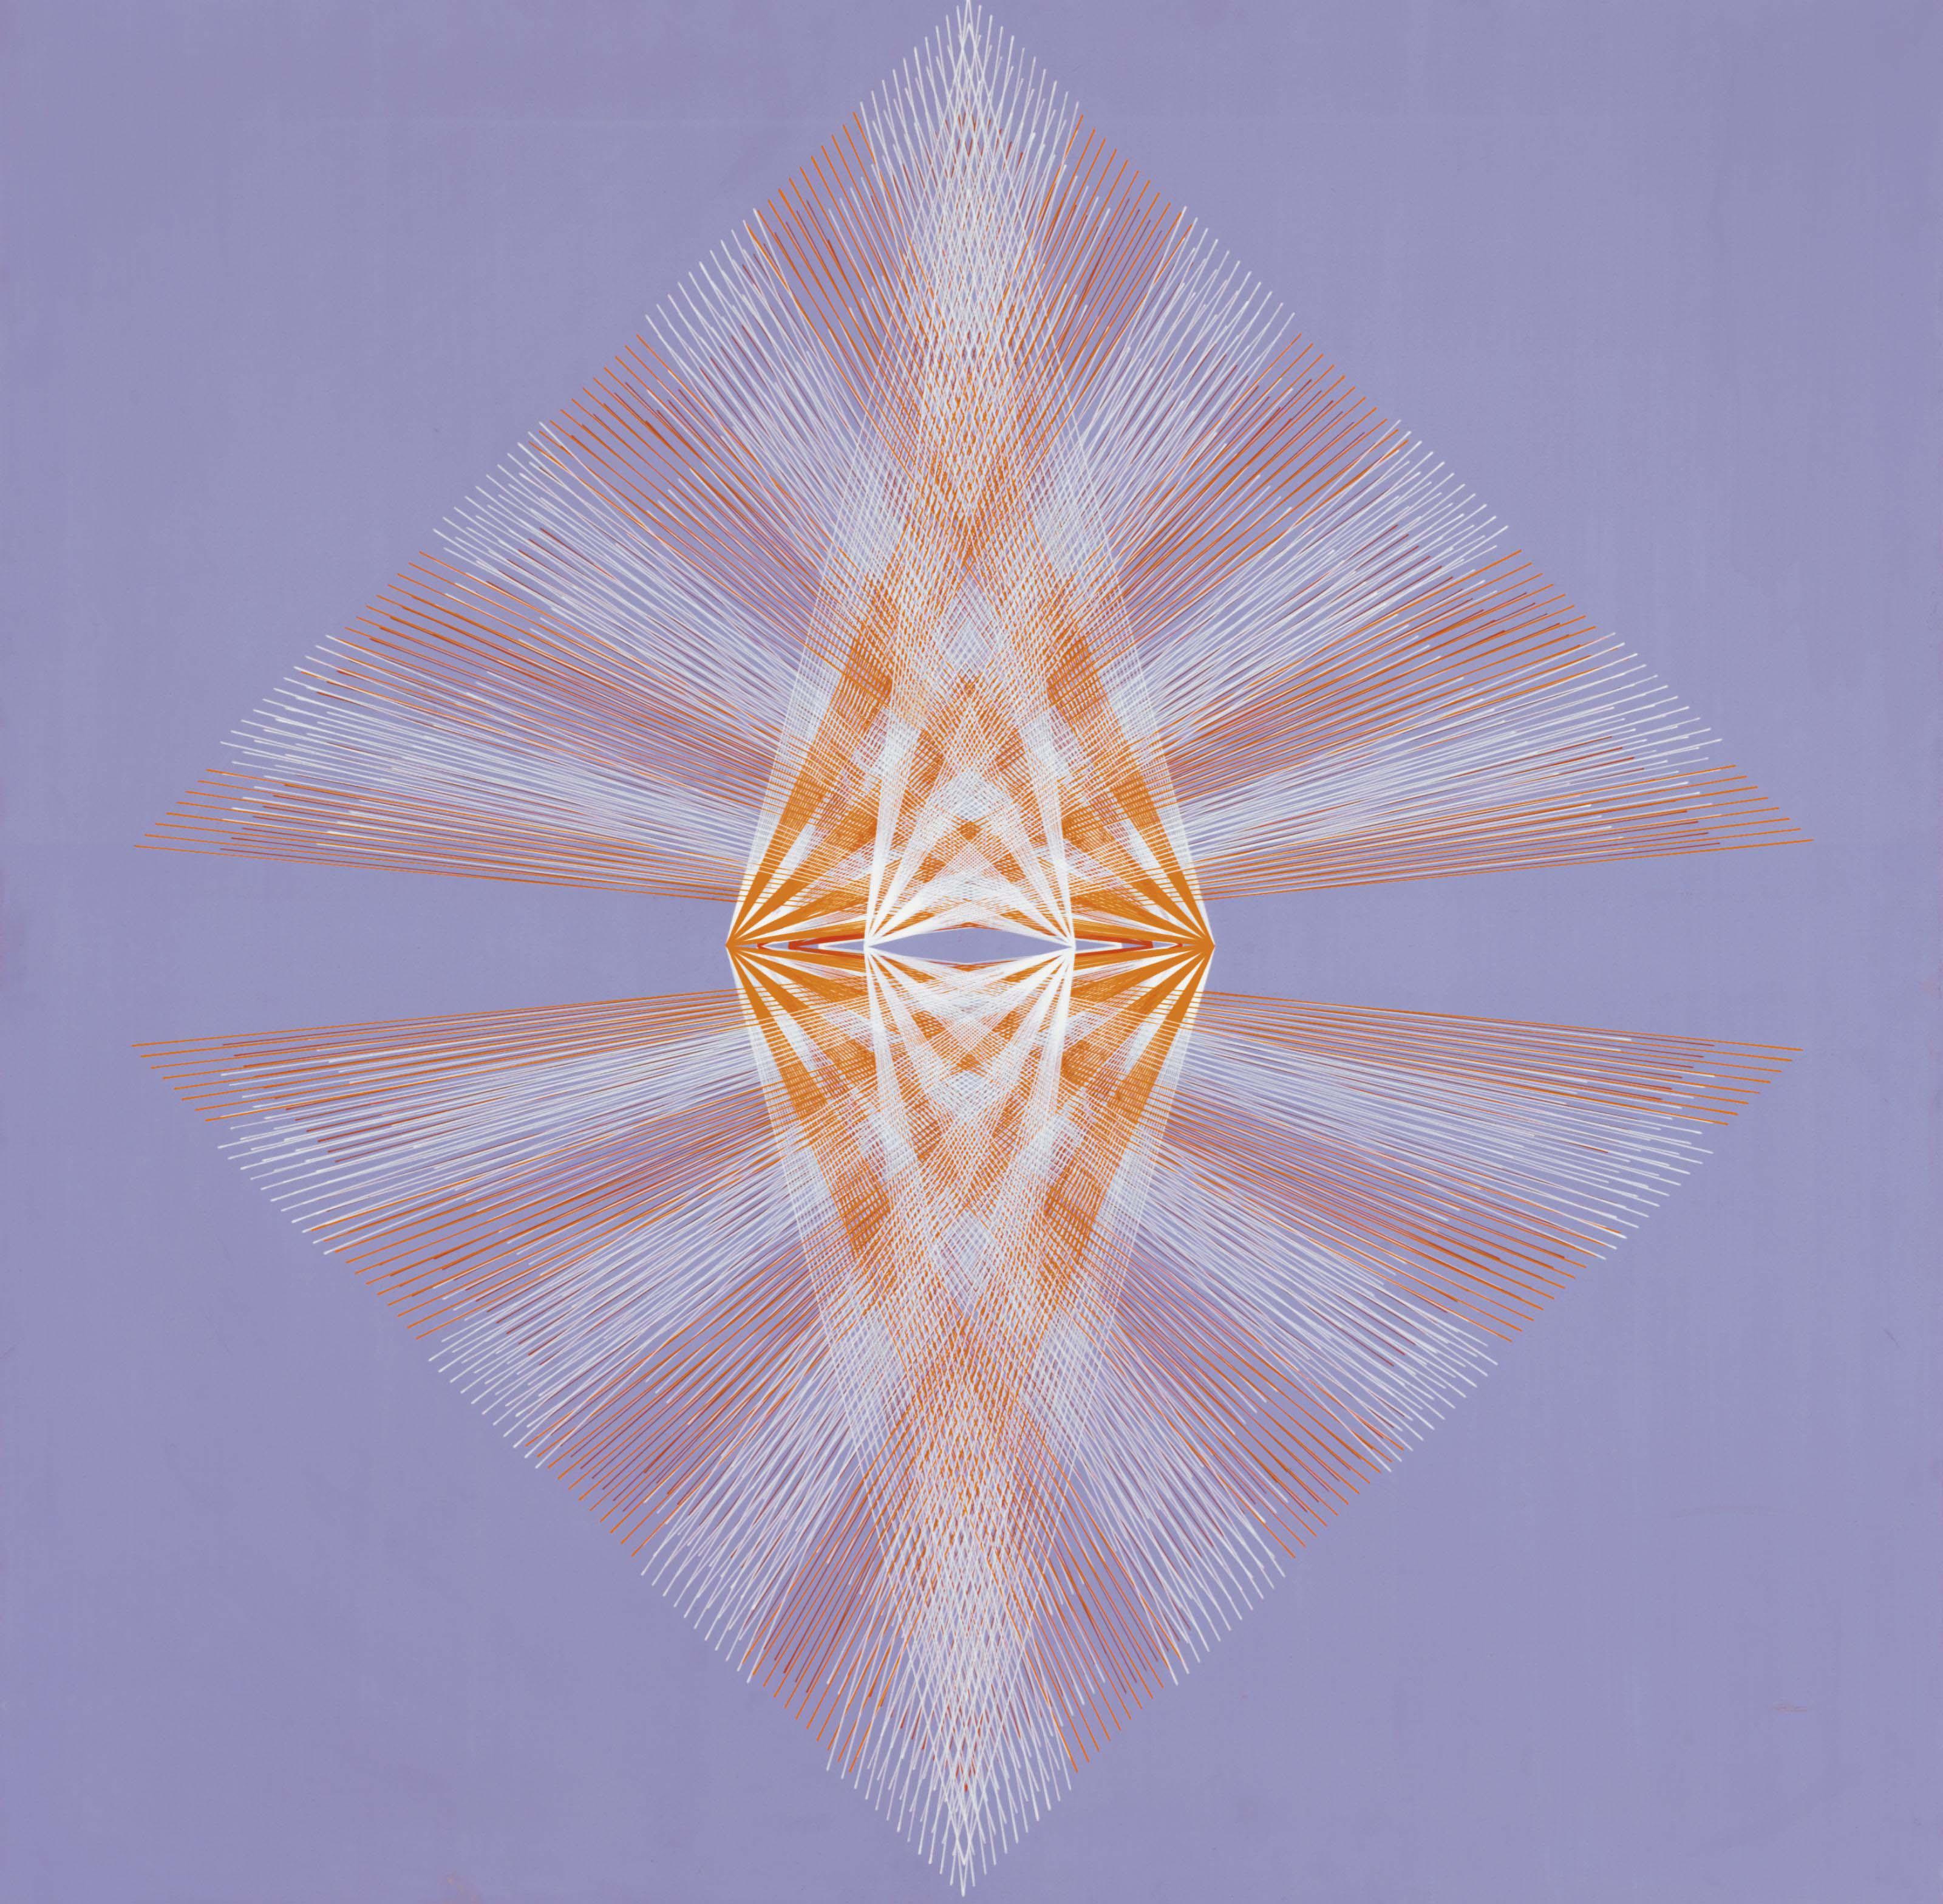 Pintura generativa, Mandala I